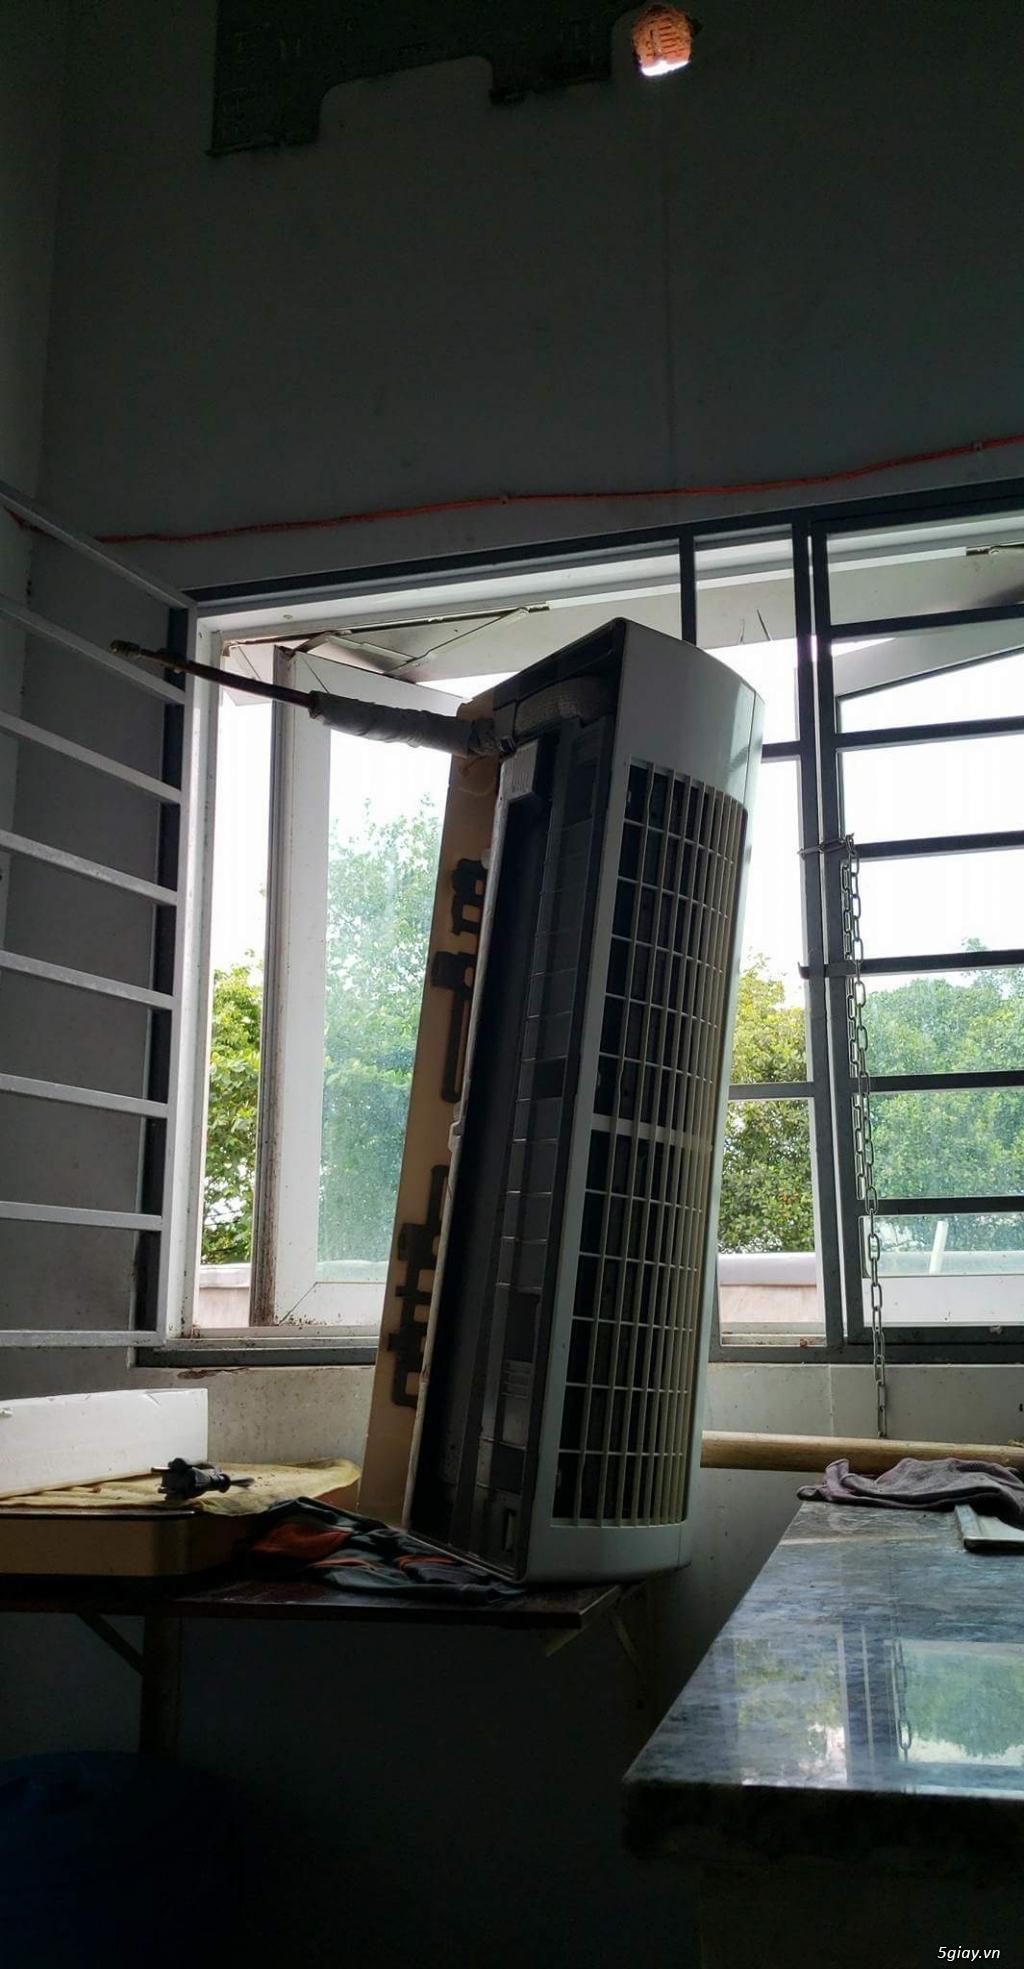 Vệ sinh sửa chữa máy điều hòa quận Tân Phú - 1